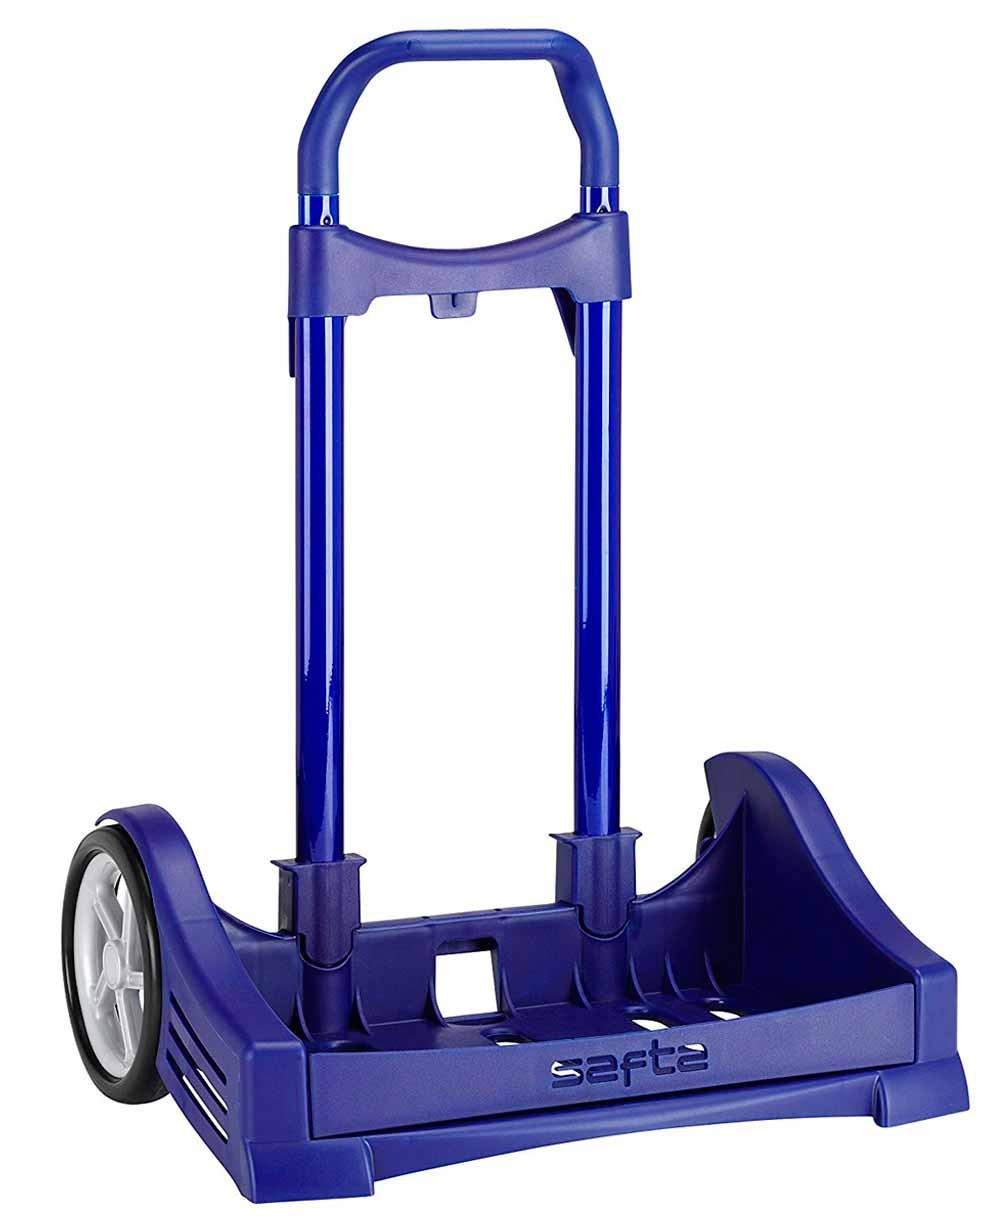 Safta Plataforma Universal Carro Azul Marino (Foto )